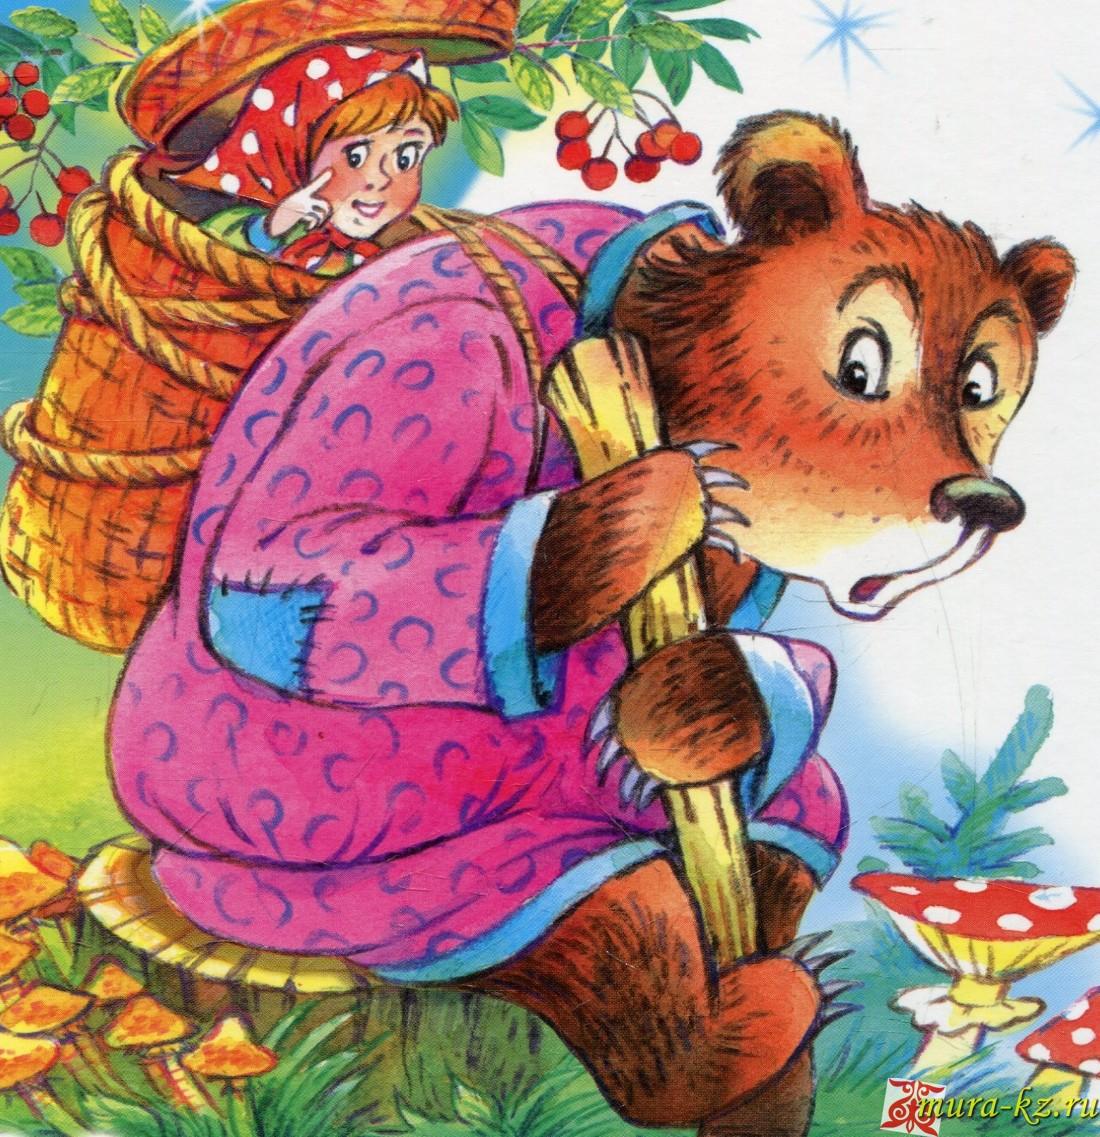 Маша мен Аю – Маша и Медведь (русские сказки на казахском языке)